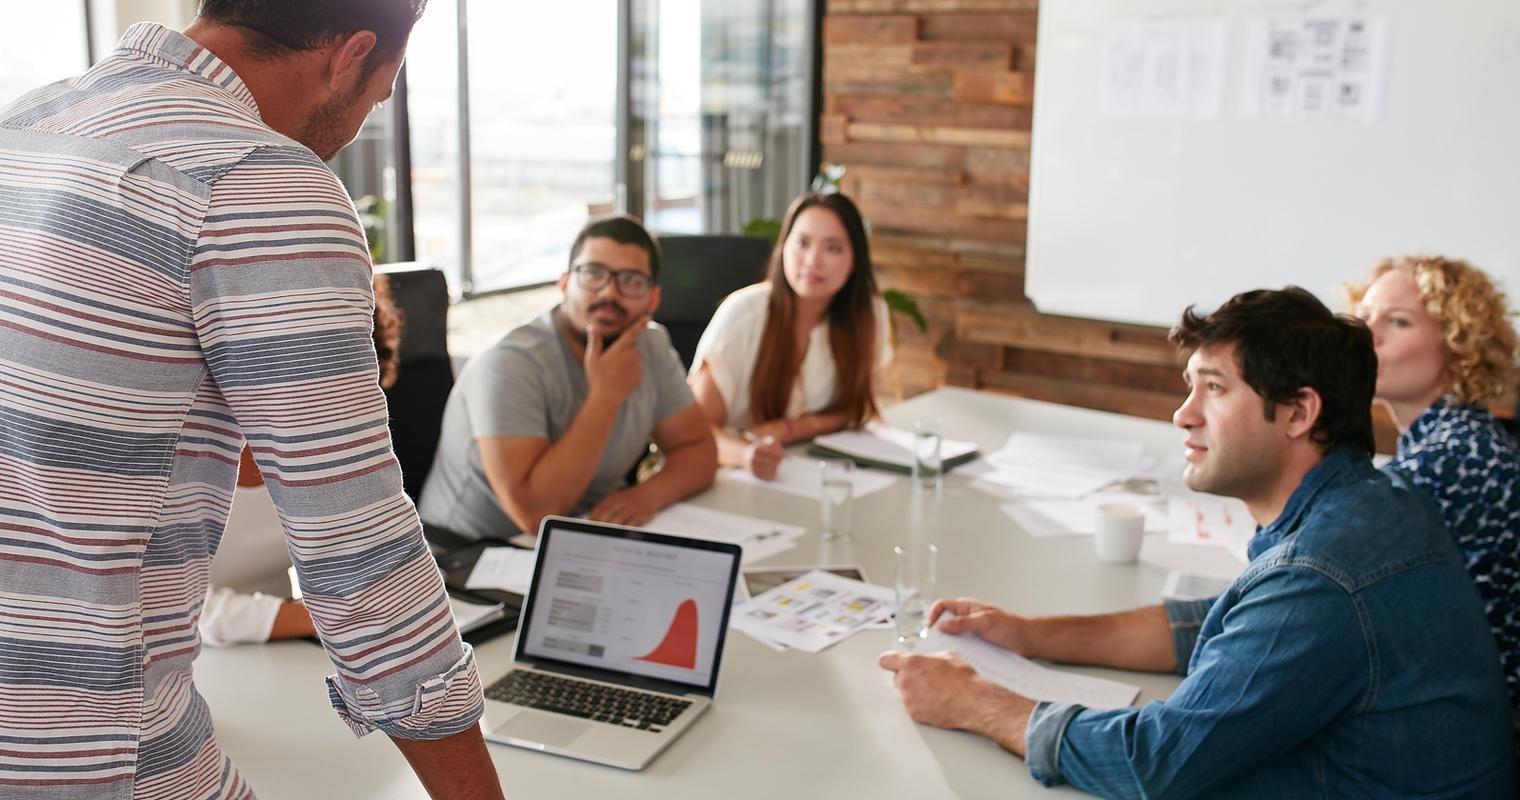 5 Ways SEO Helps Marketers Work Smarter with Bigger Brands